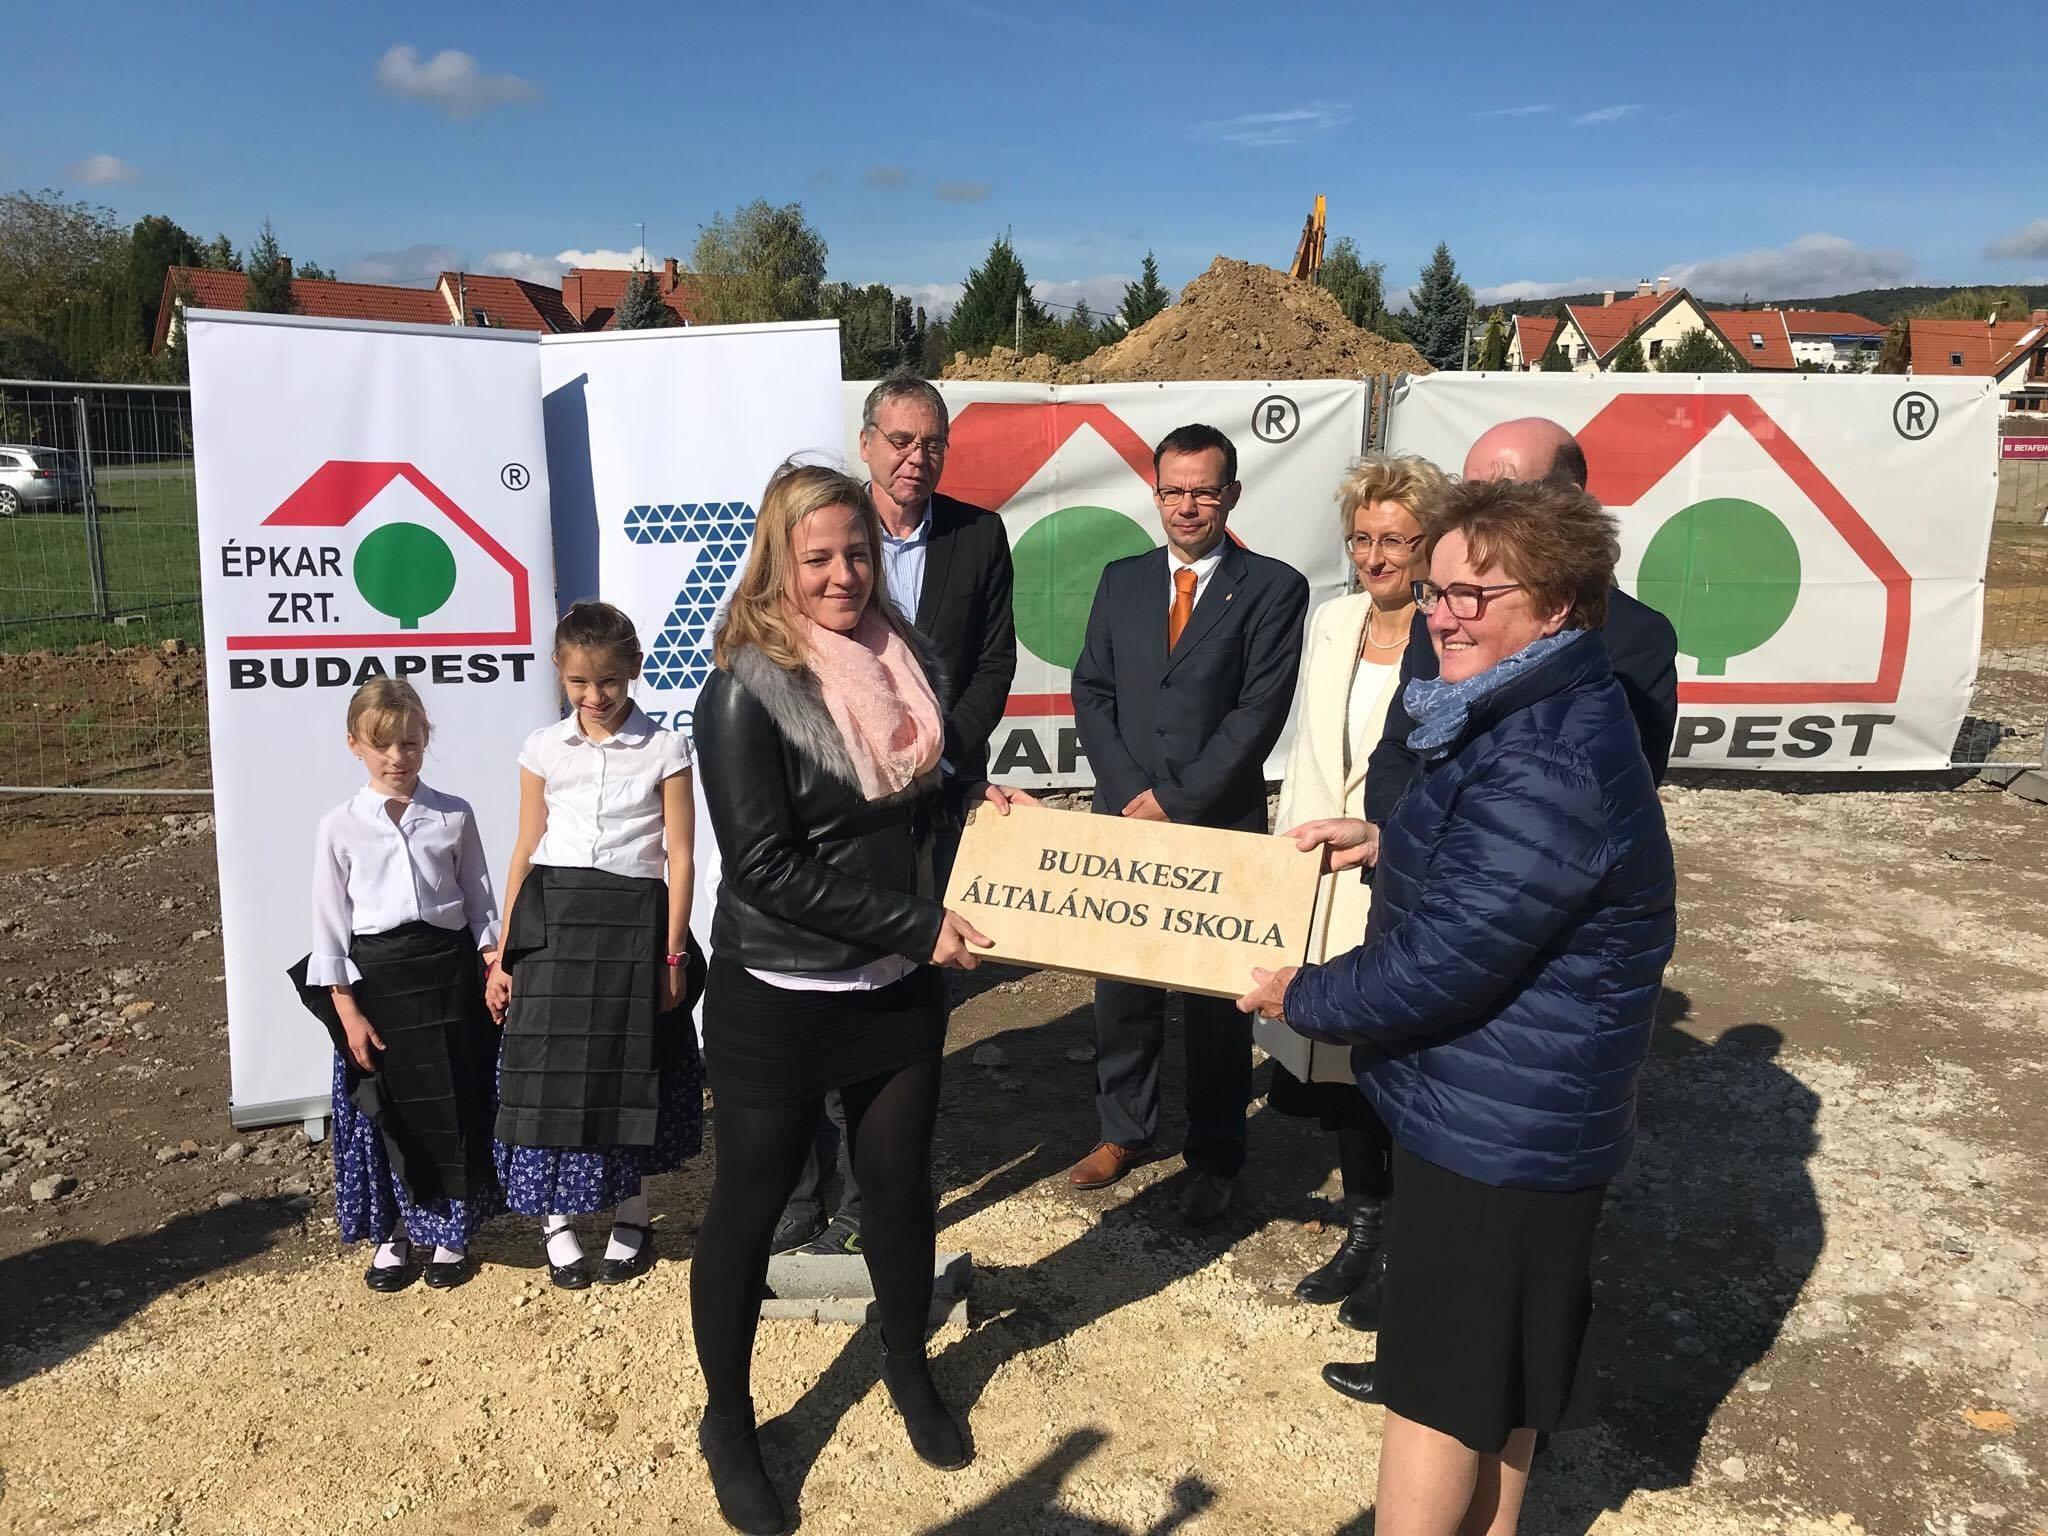 Letették Budakeszi új iskolájának alapkövét